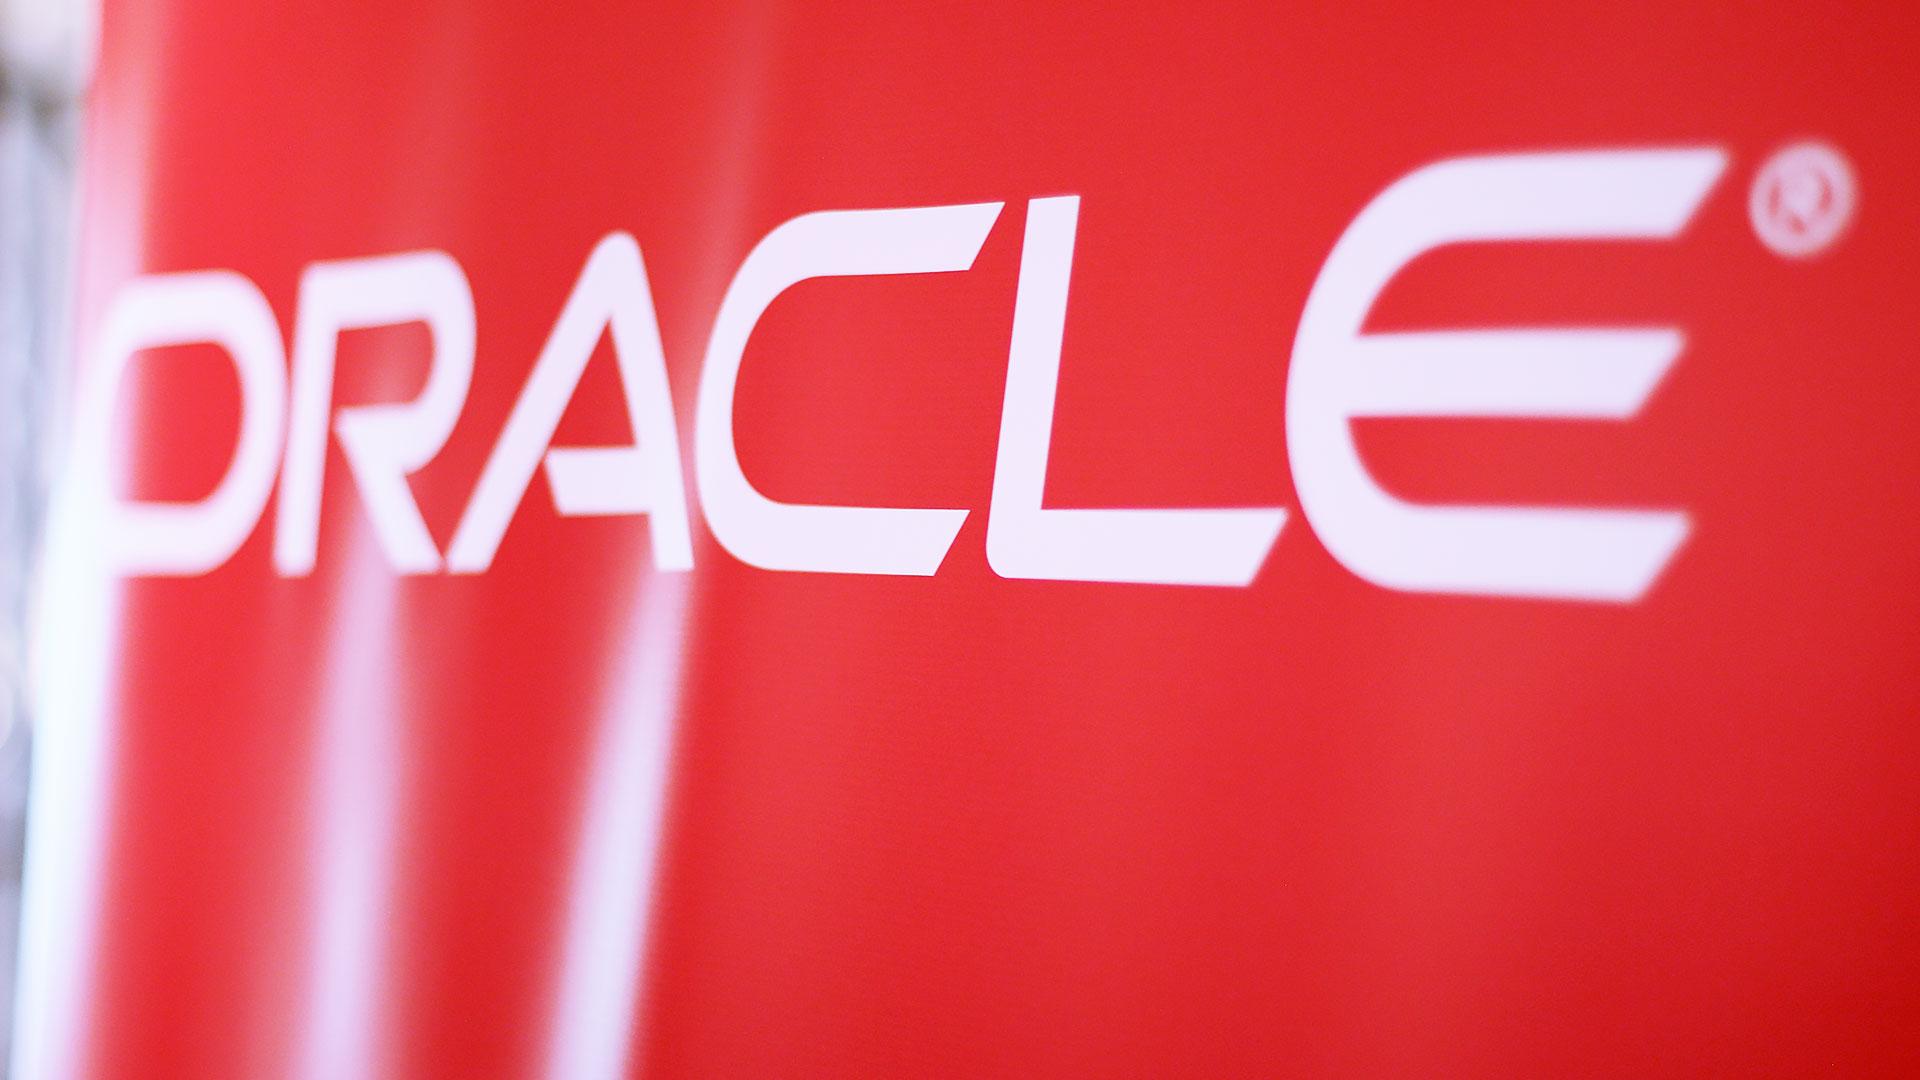 oracle_tpnet_evento_debate_mesa_redonda_informe_herramientas_experiencia_cliente_26